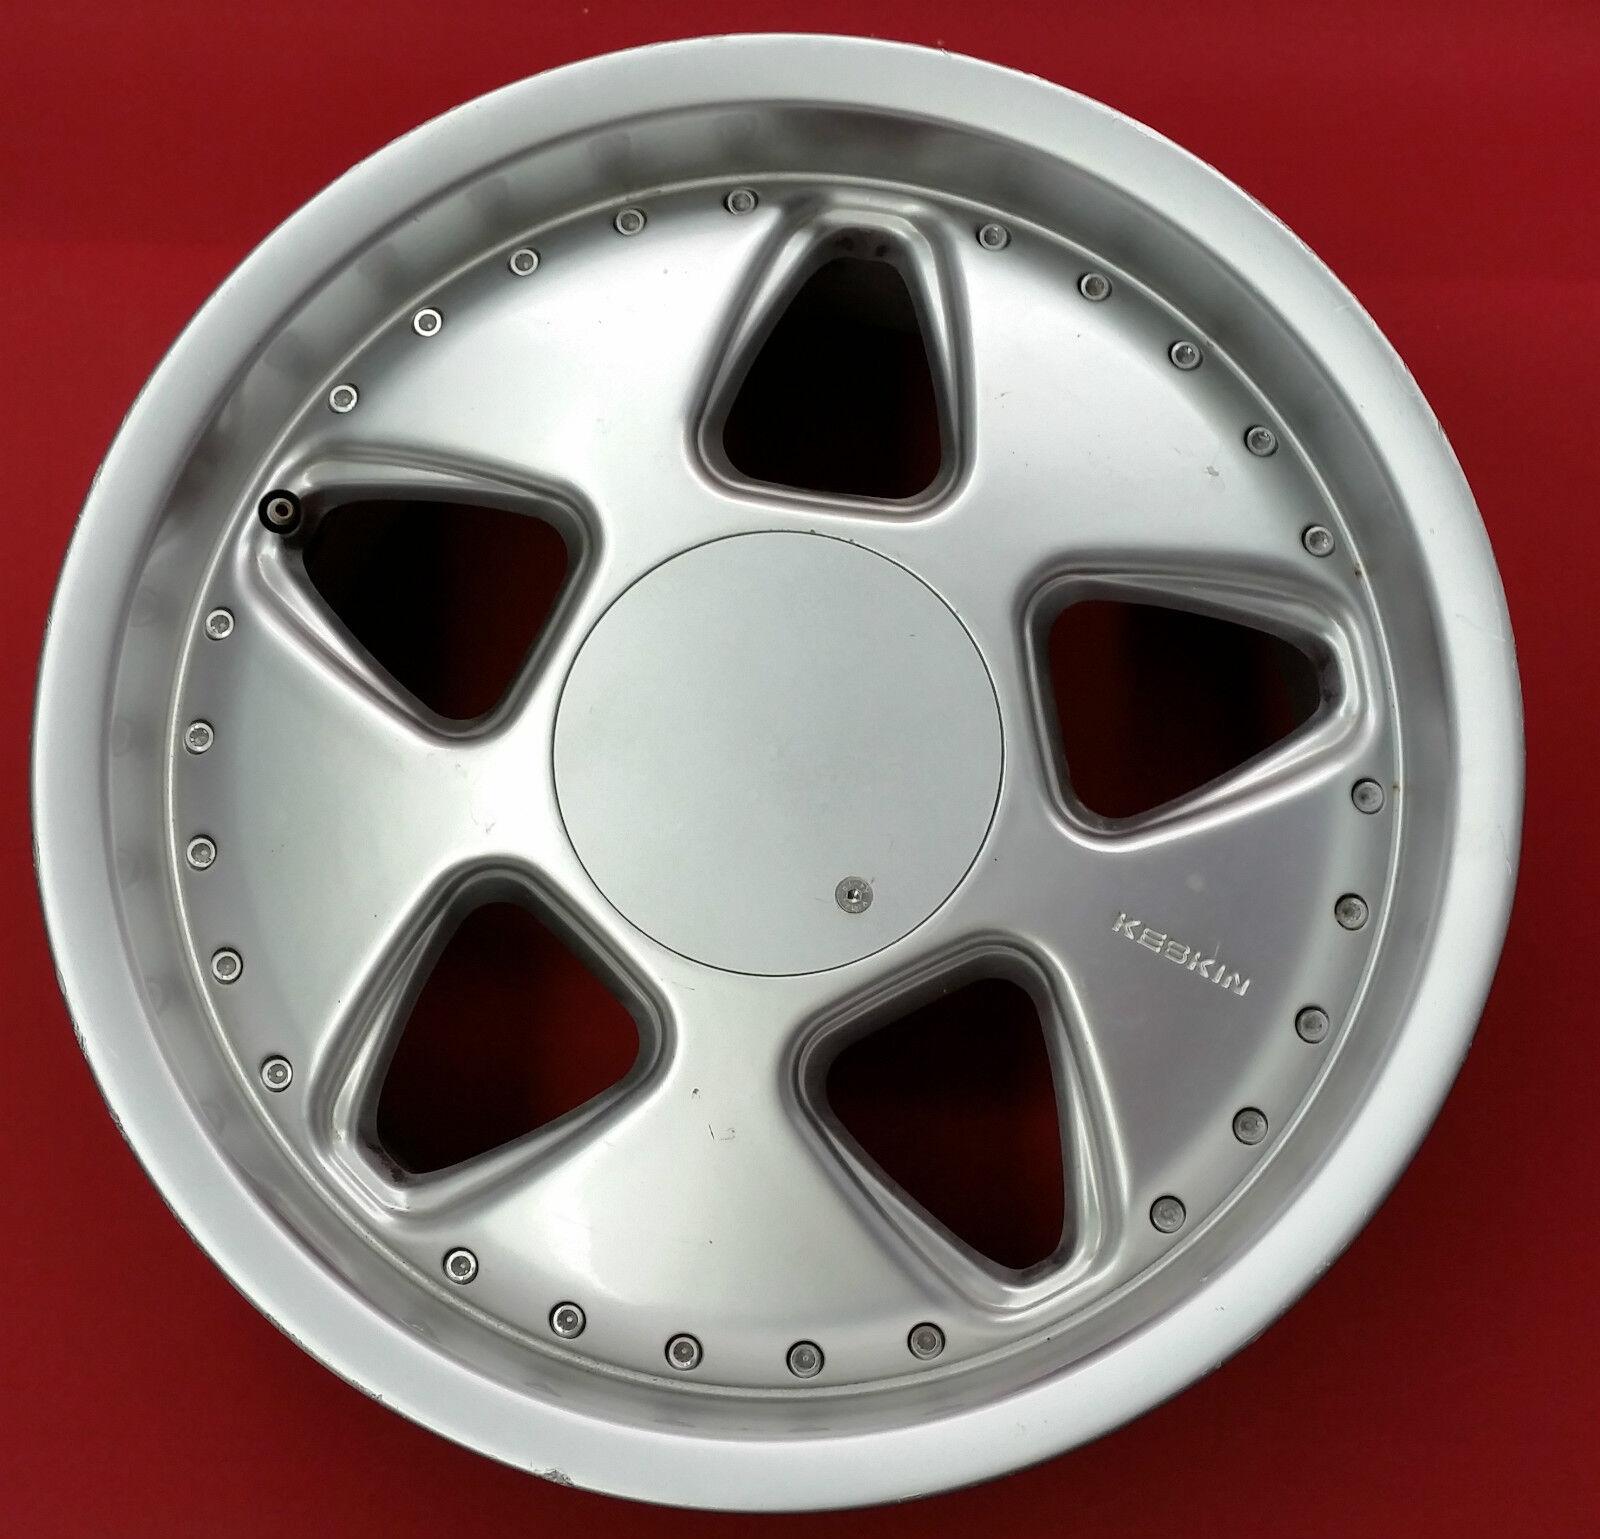 keskin wheel cover fits keskin kt5 flat hubcap 4x cover 15. Black Bedroom Furniture Sets. Home Design Ideas